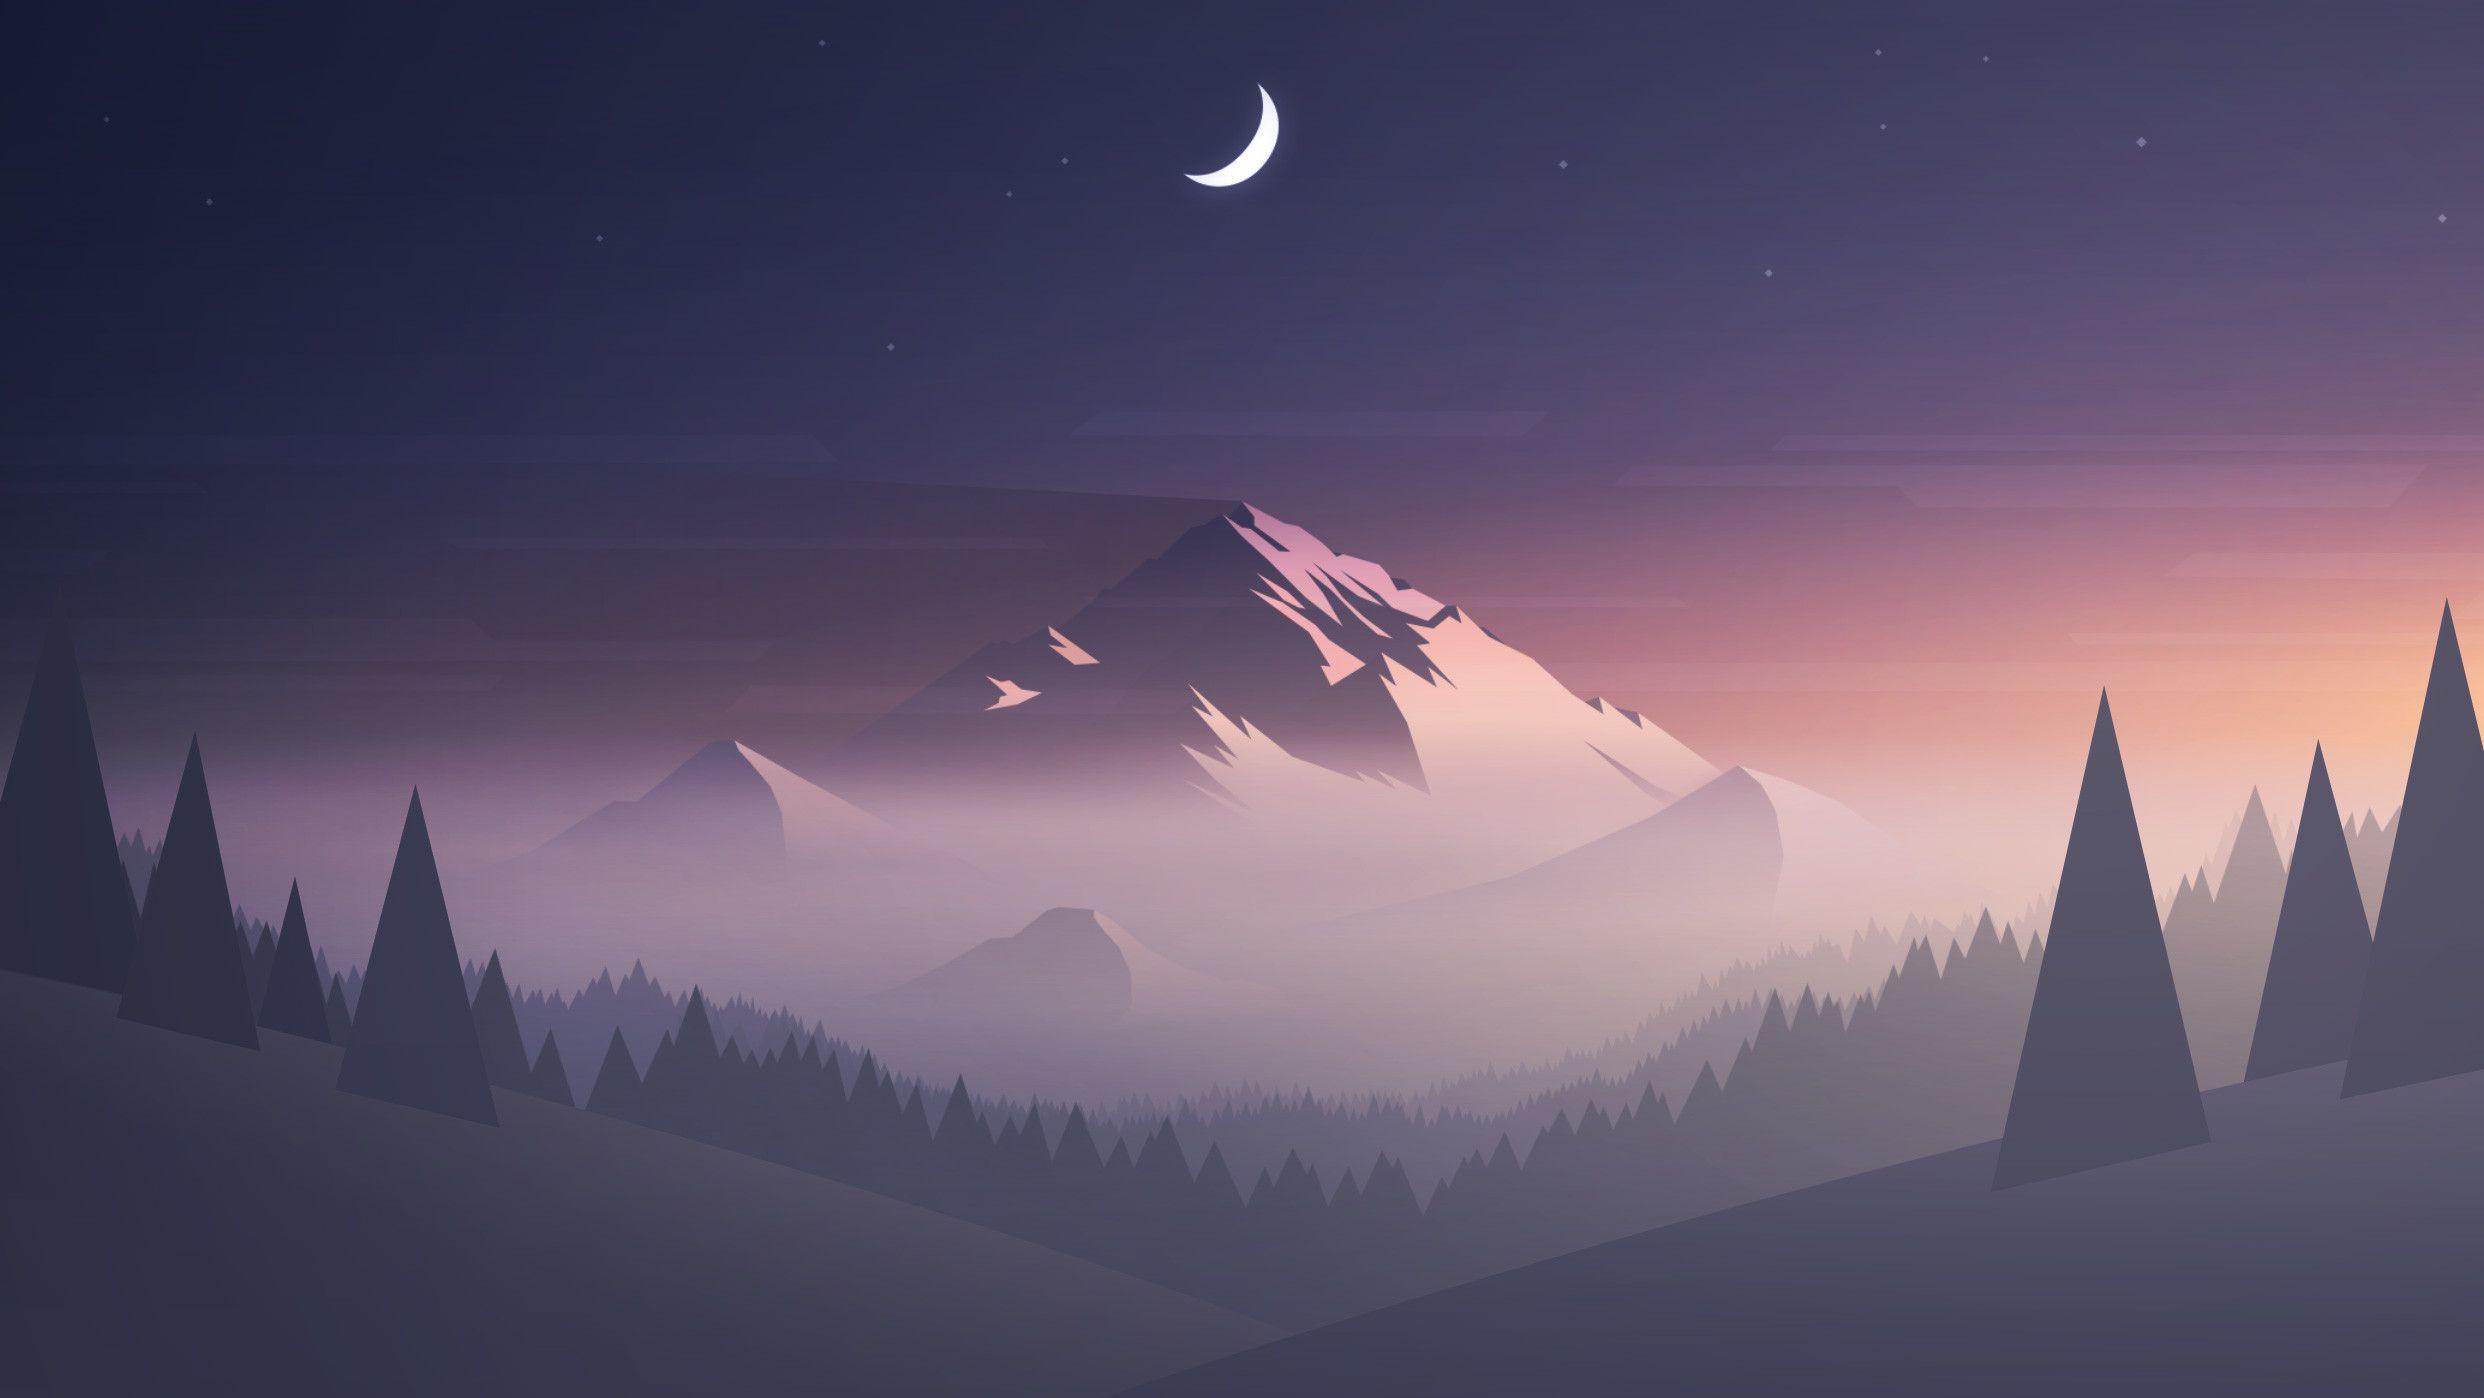 Minimalist Mountain Wallpapers   Top Minimalist Mountain 2484x1398